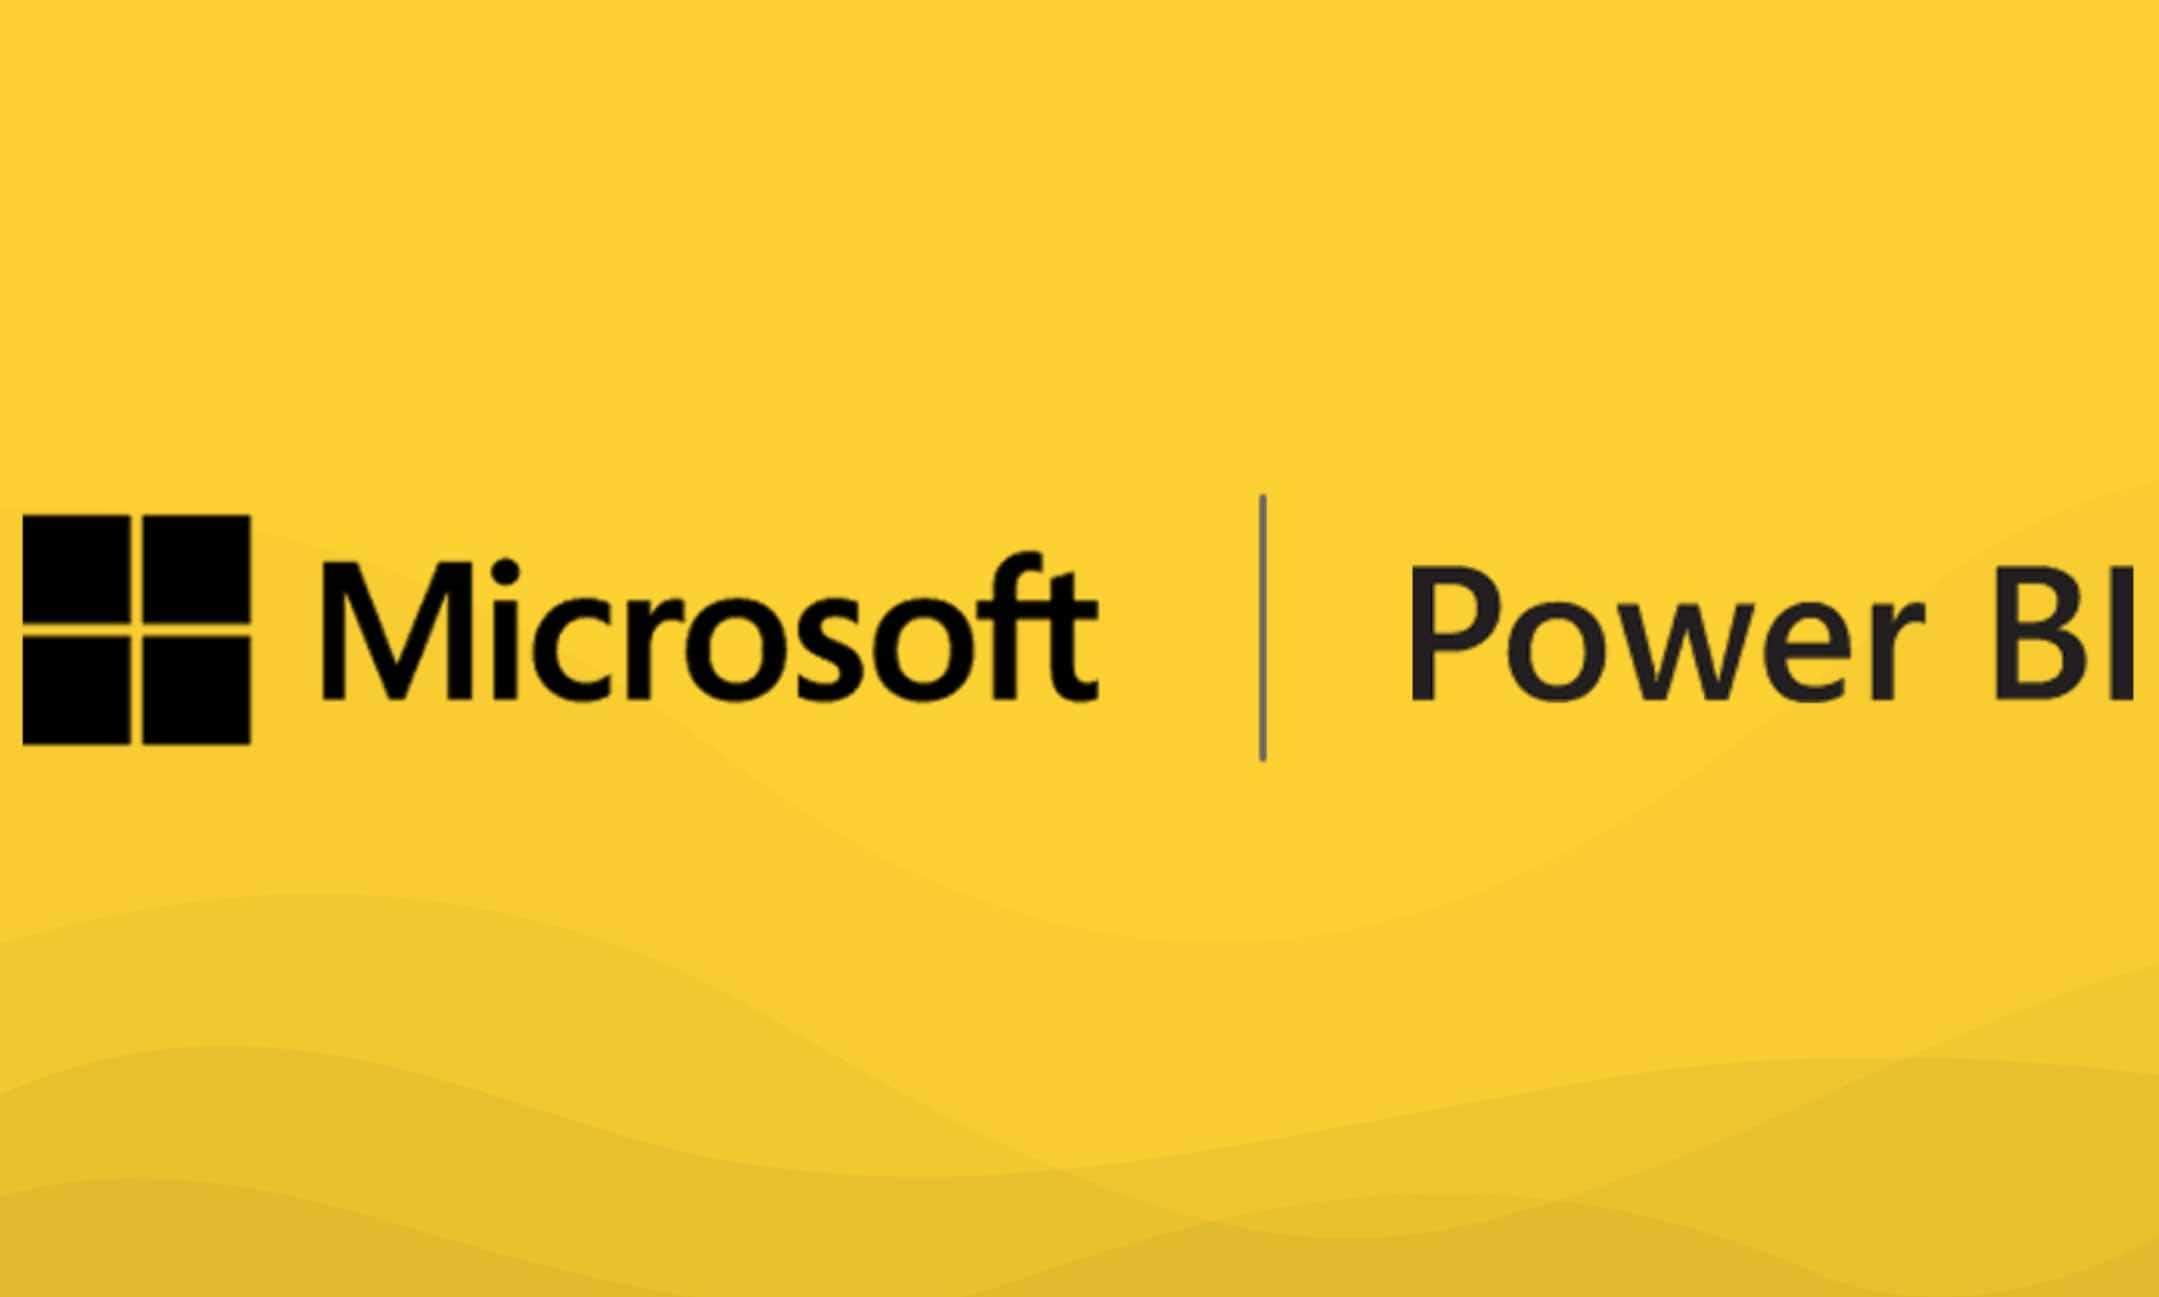 Understanding The Difference Between Power BI, Power BI Pro, & Power BI Premium